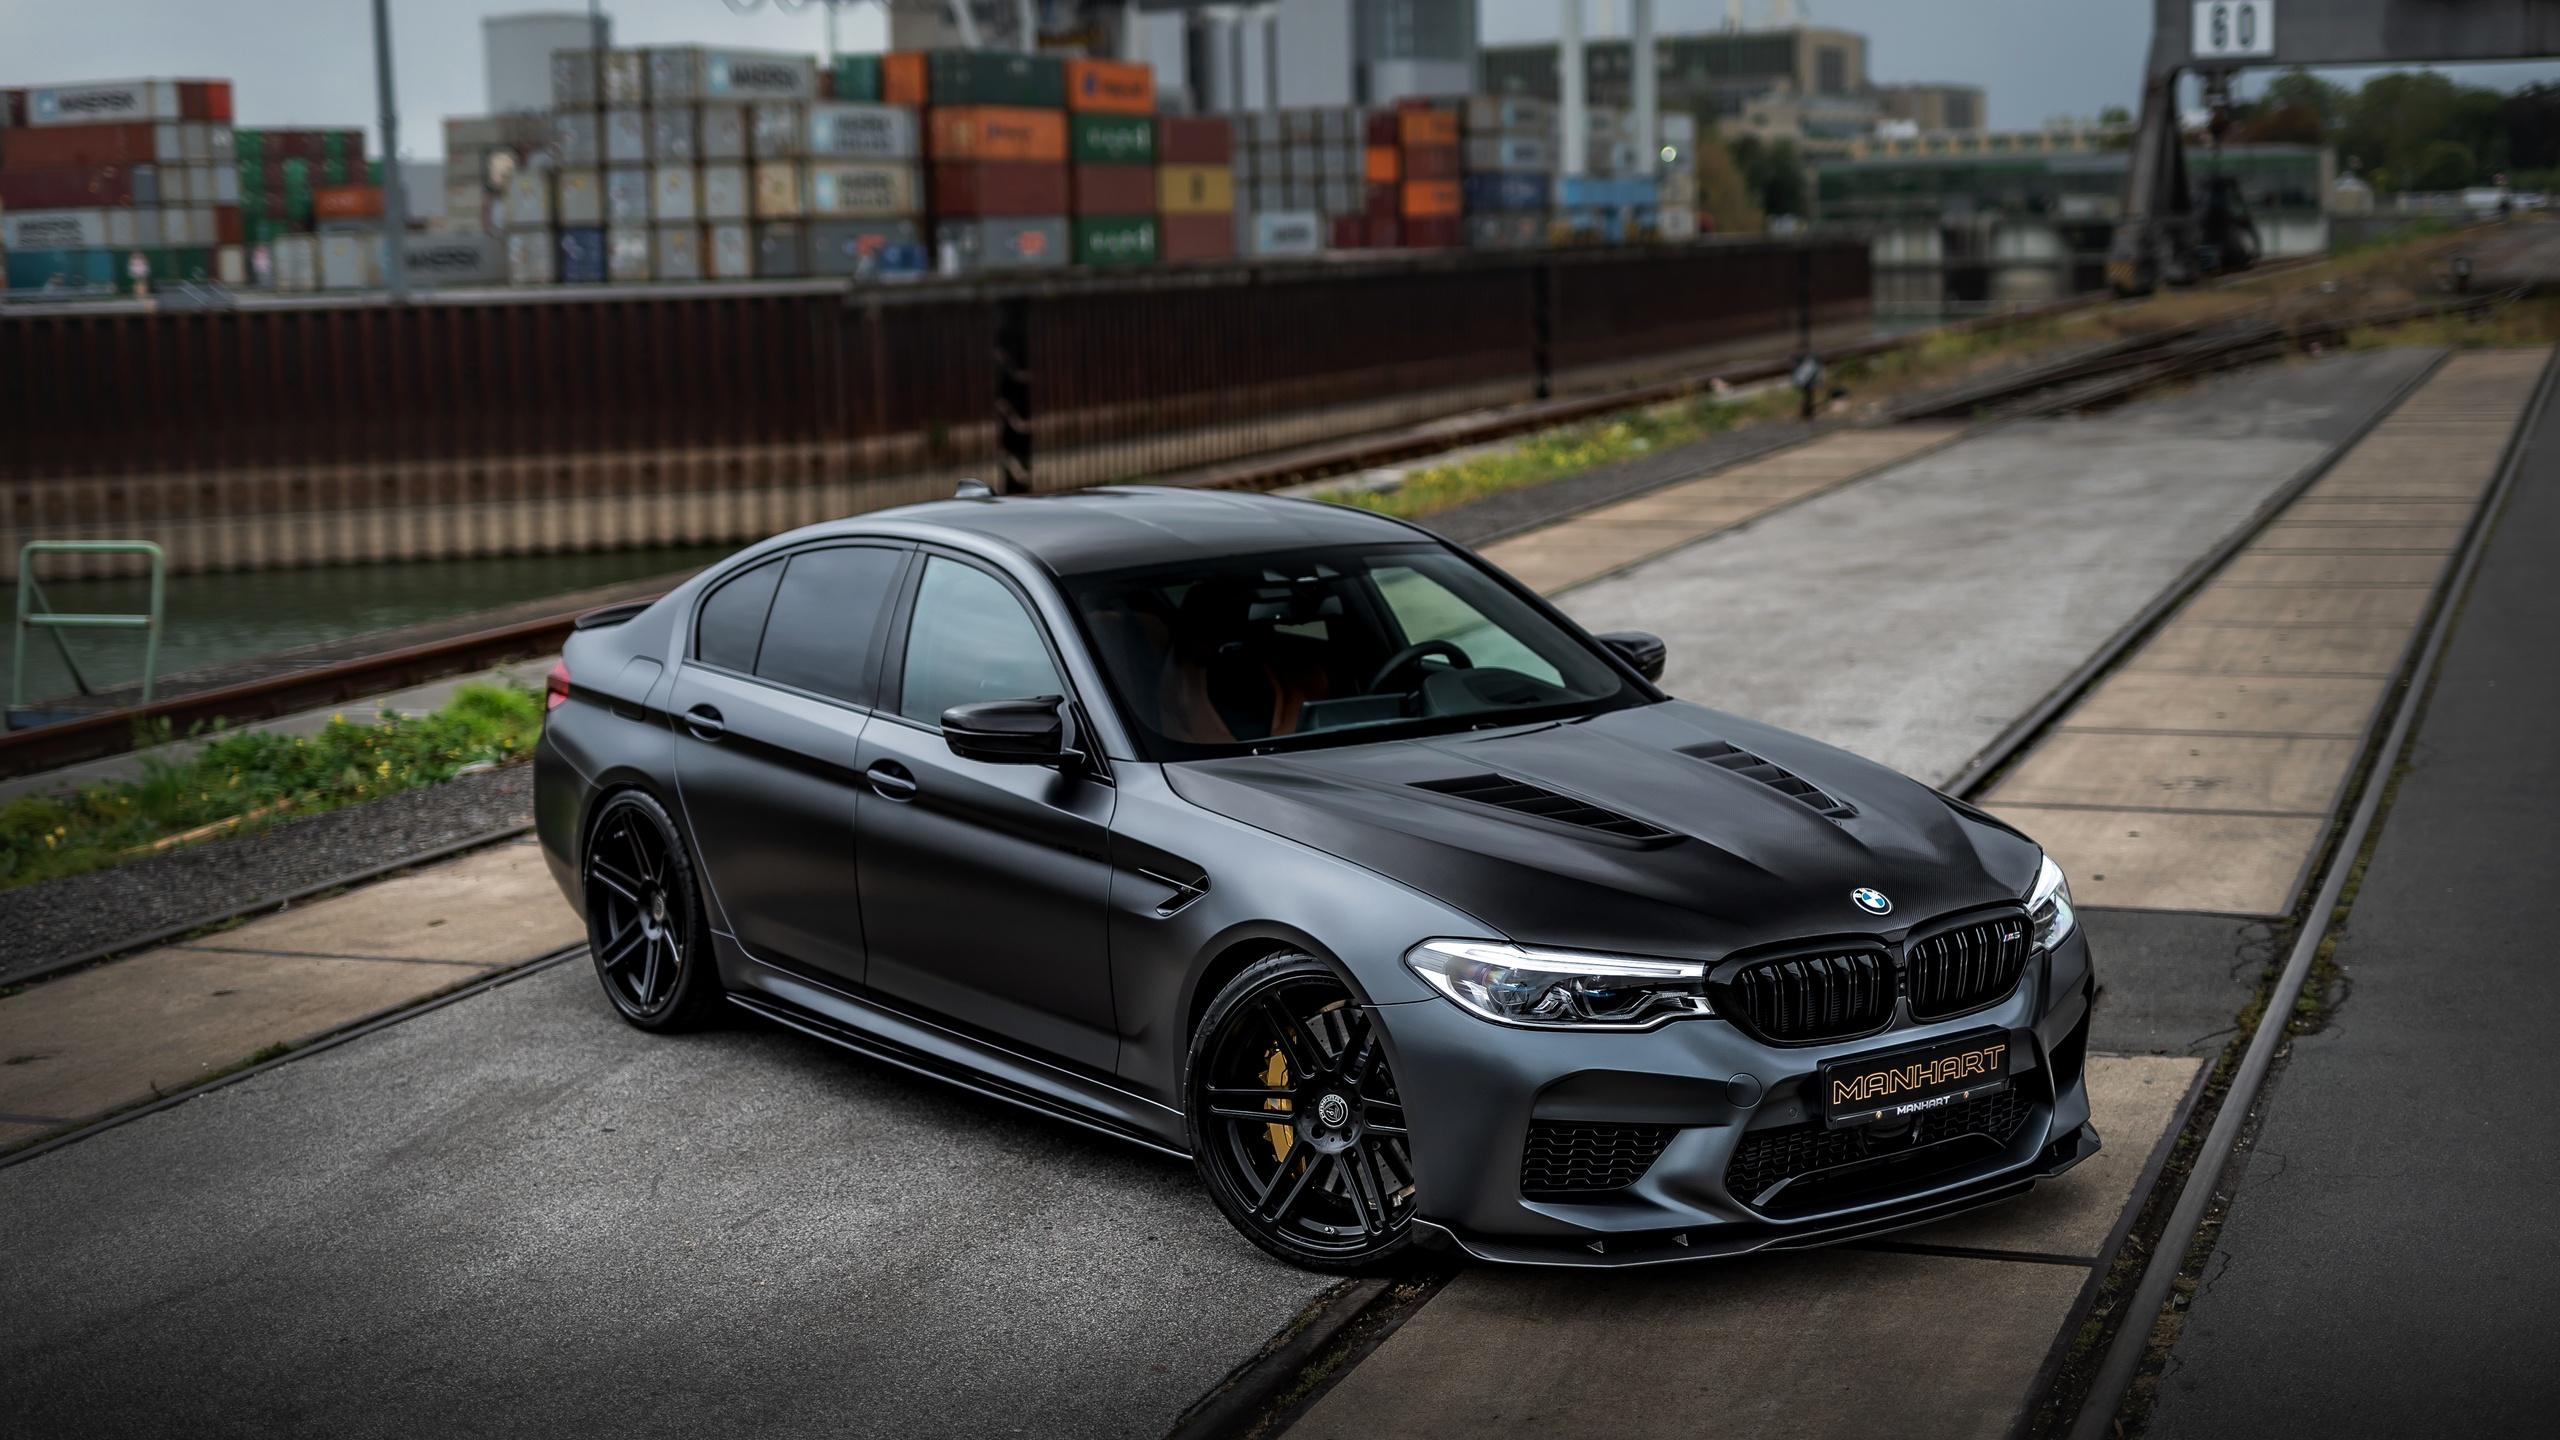 2560x1440 BMW M5 Manhart V8 F90 5k 1440P Resolution HD 4k ...